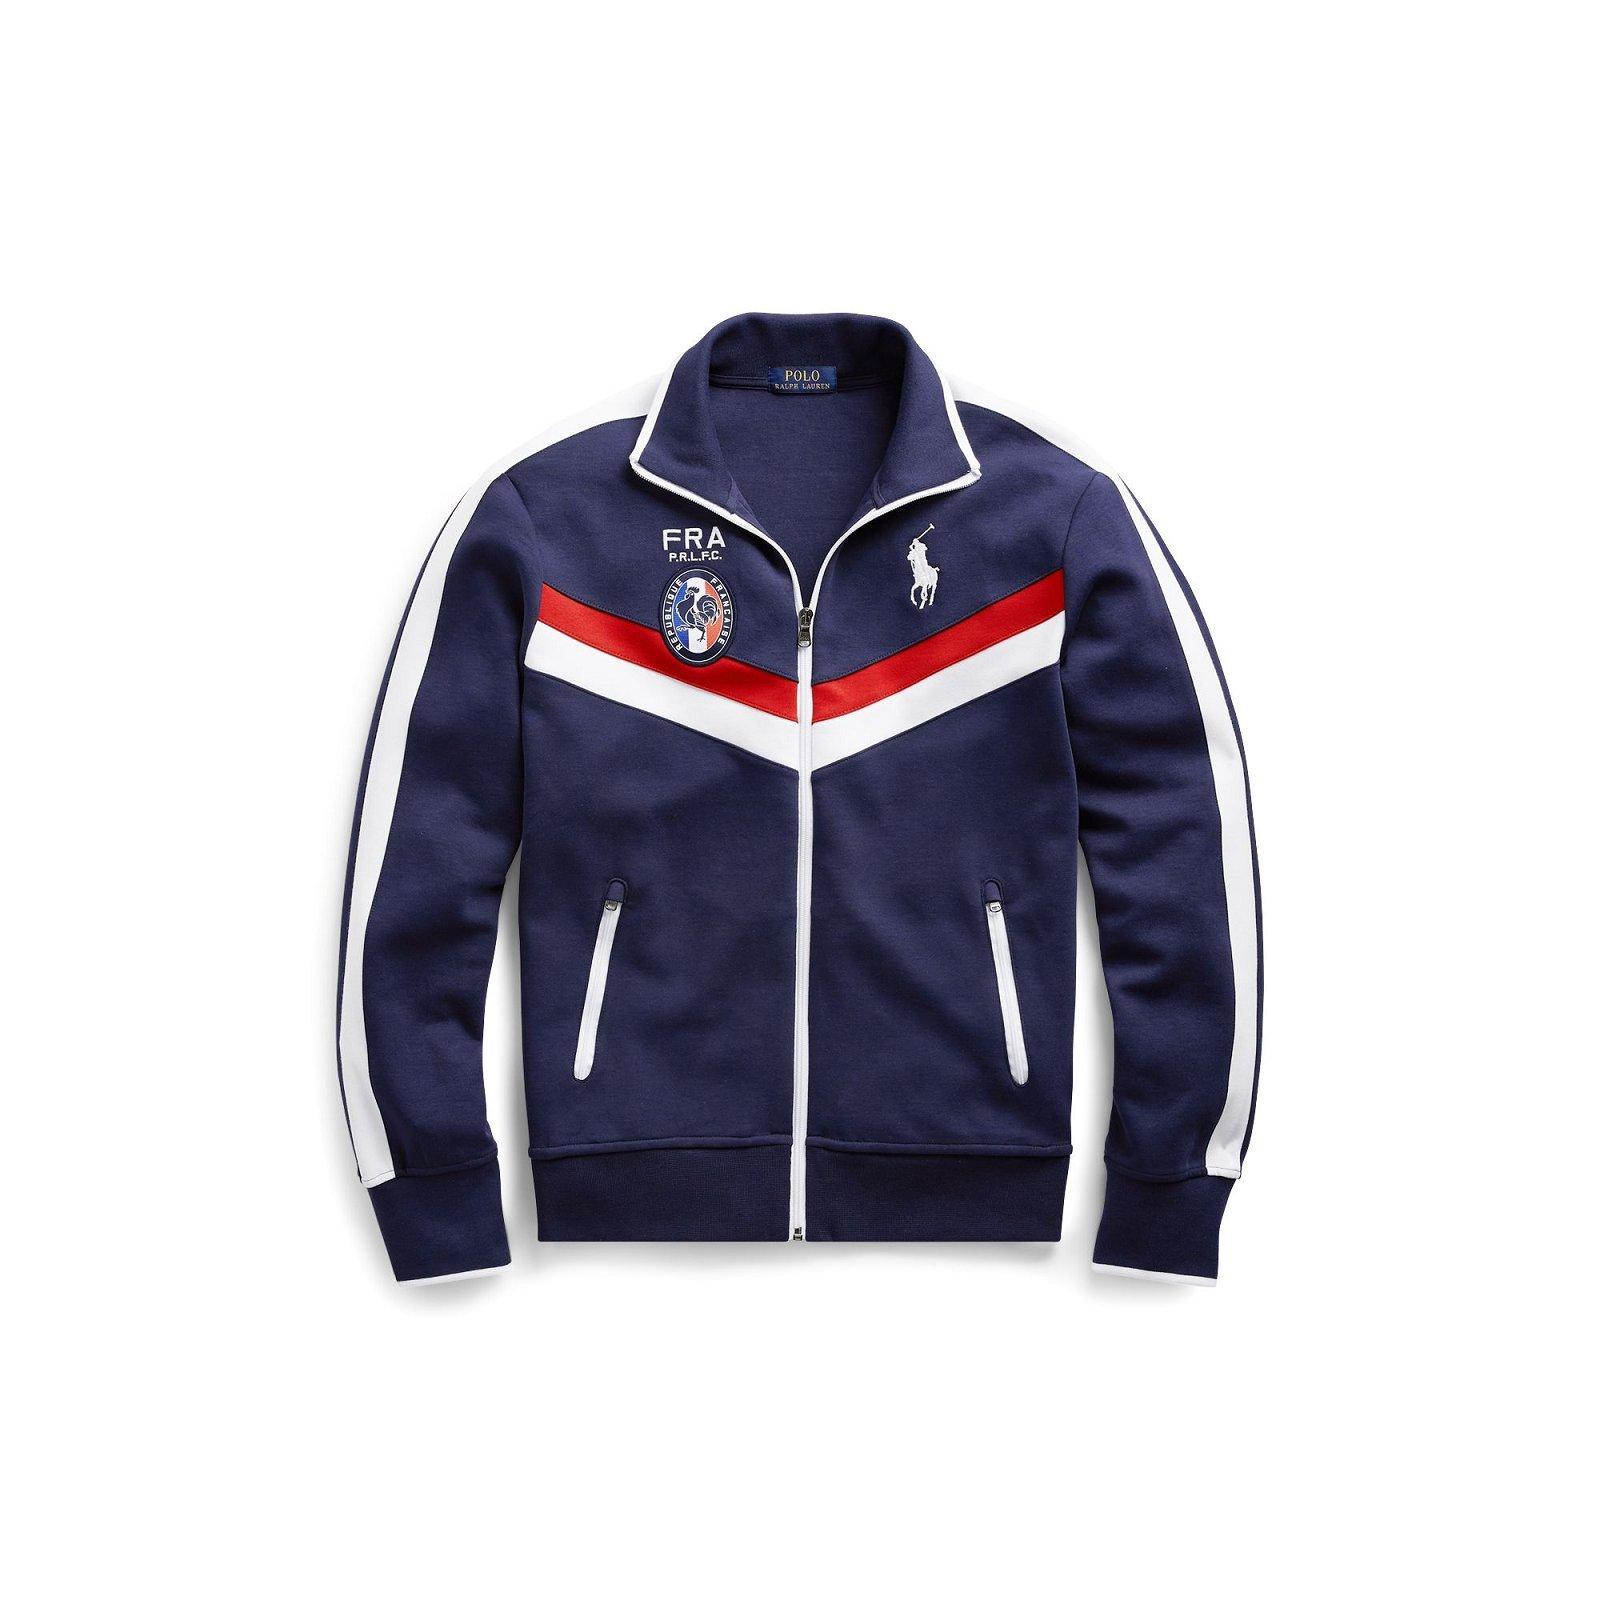 RALPH LAUREN Veste d athlétisme France - 710712622001 , Sweat pour Homme 8ff6a8ce9007